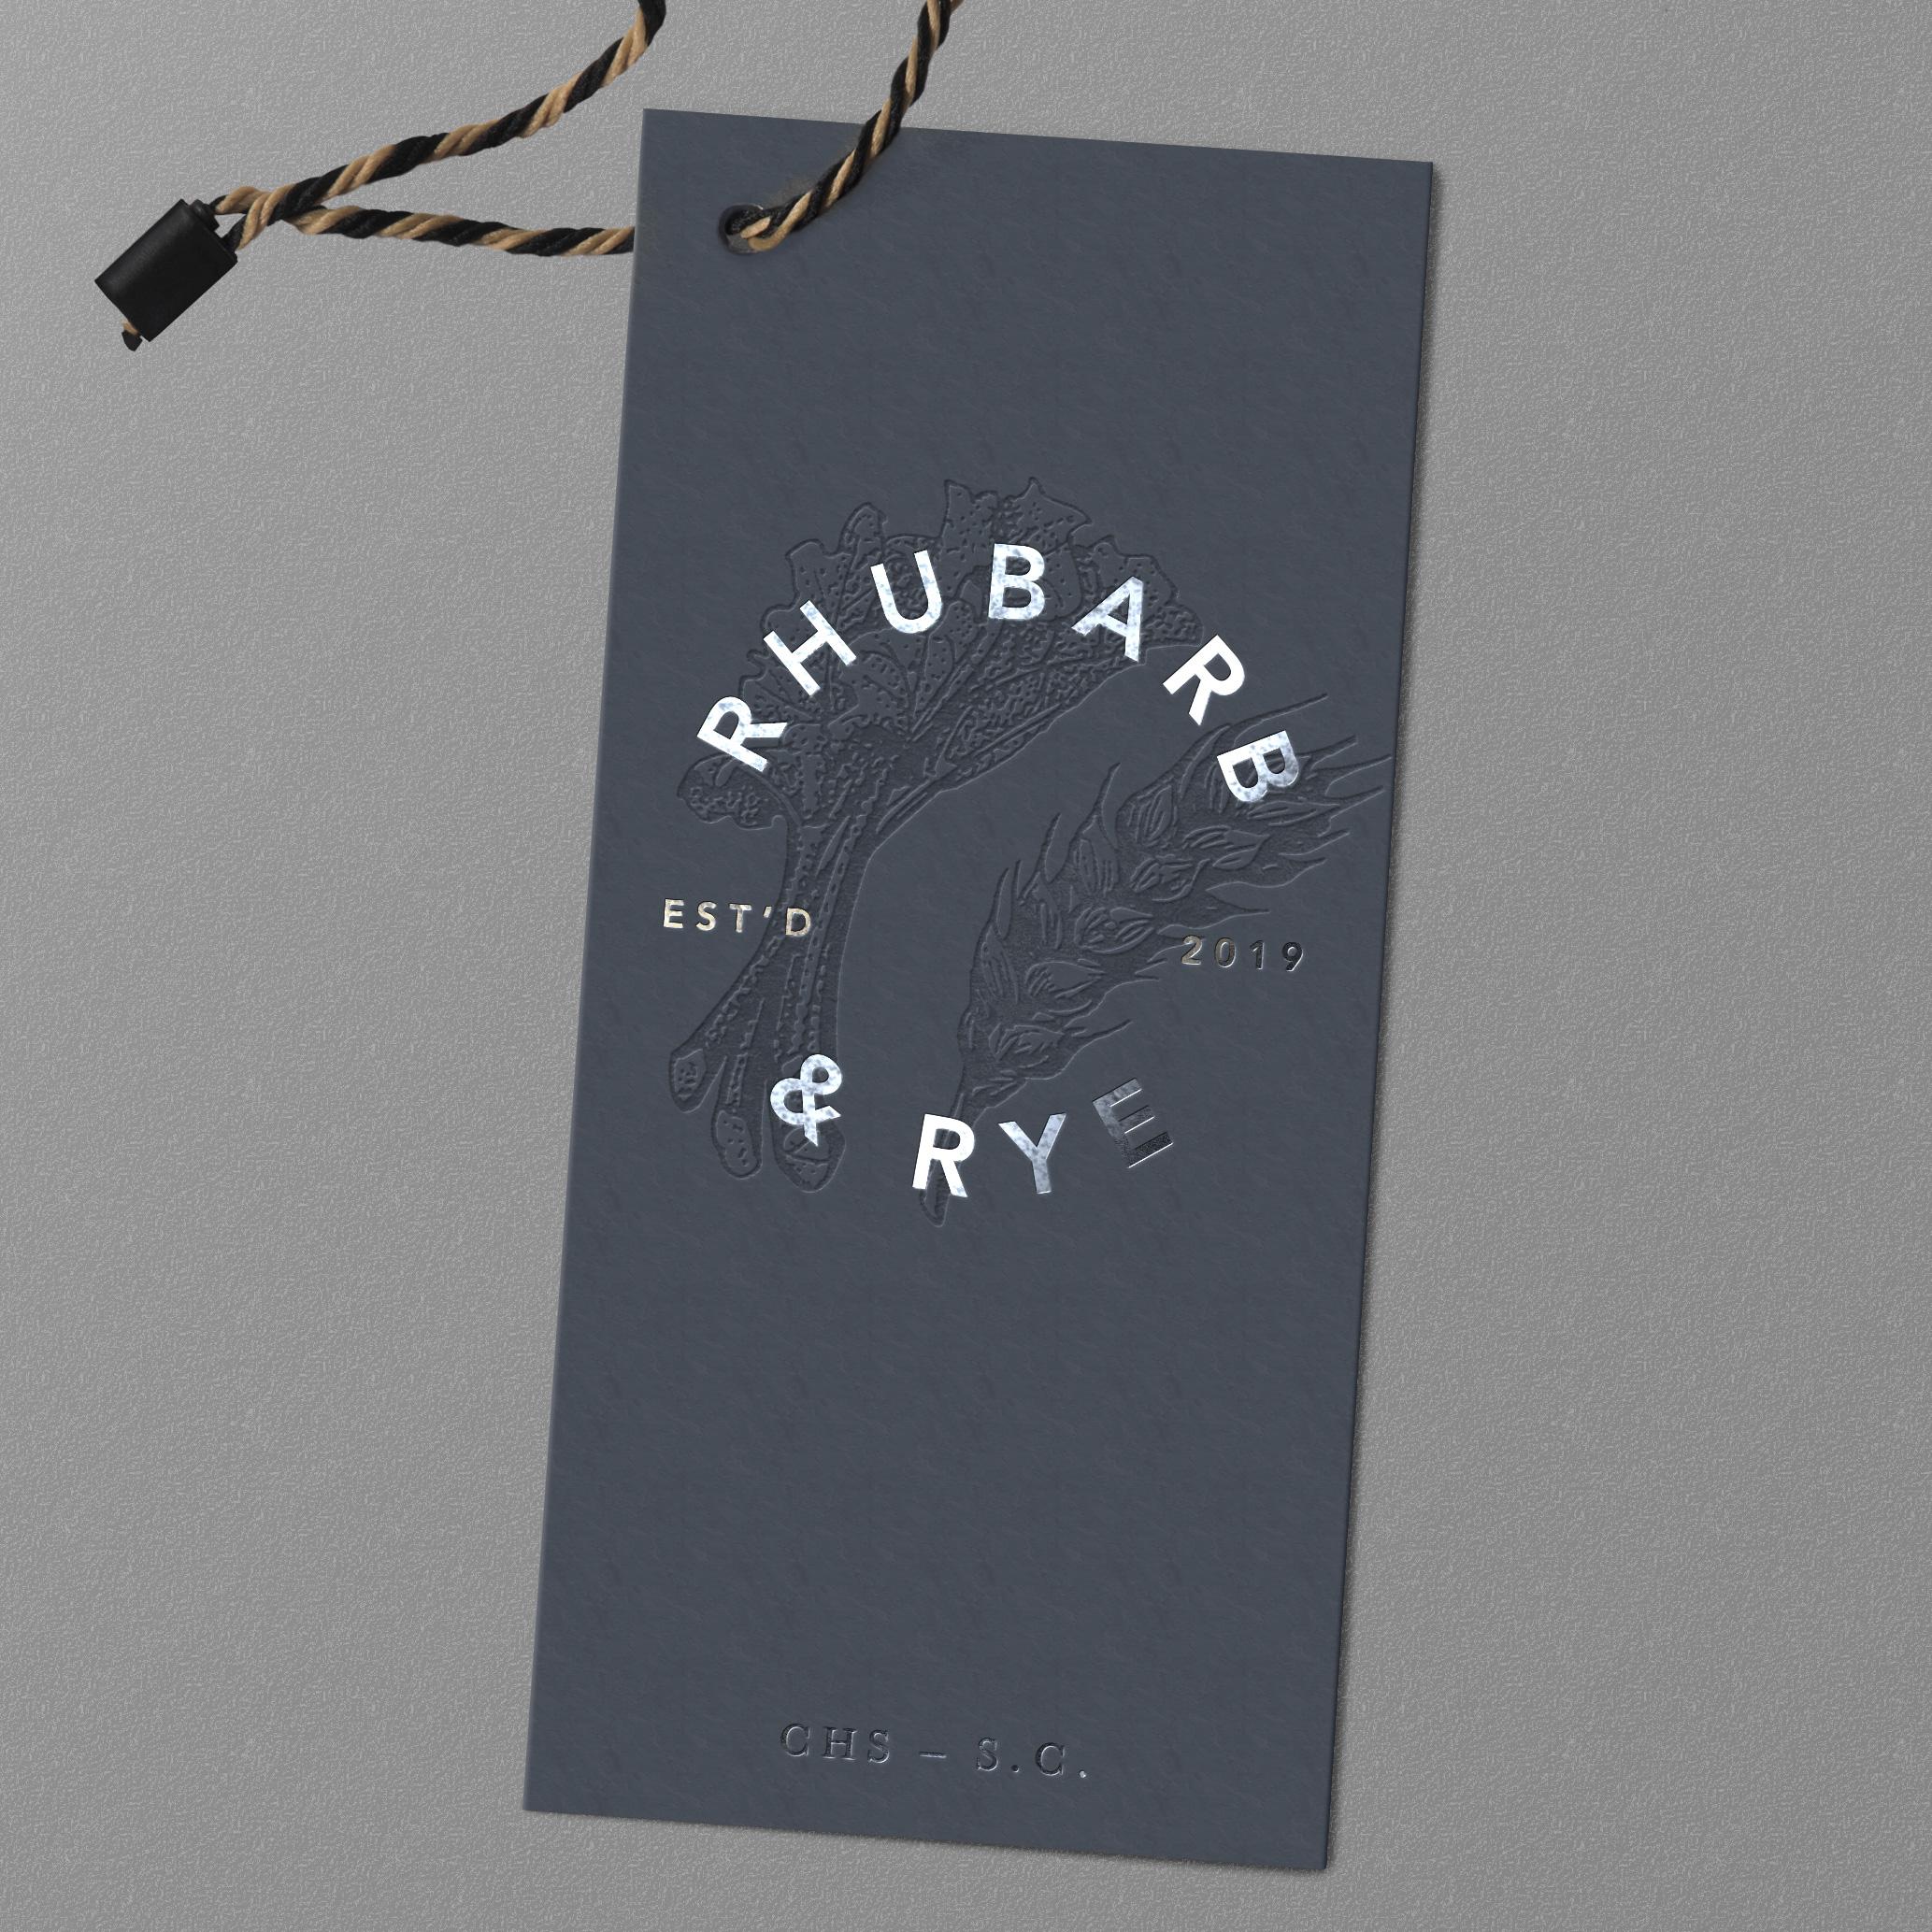 Rhubarb & Rye Identity Design